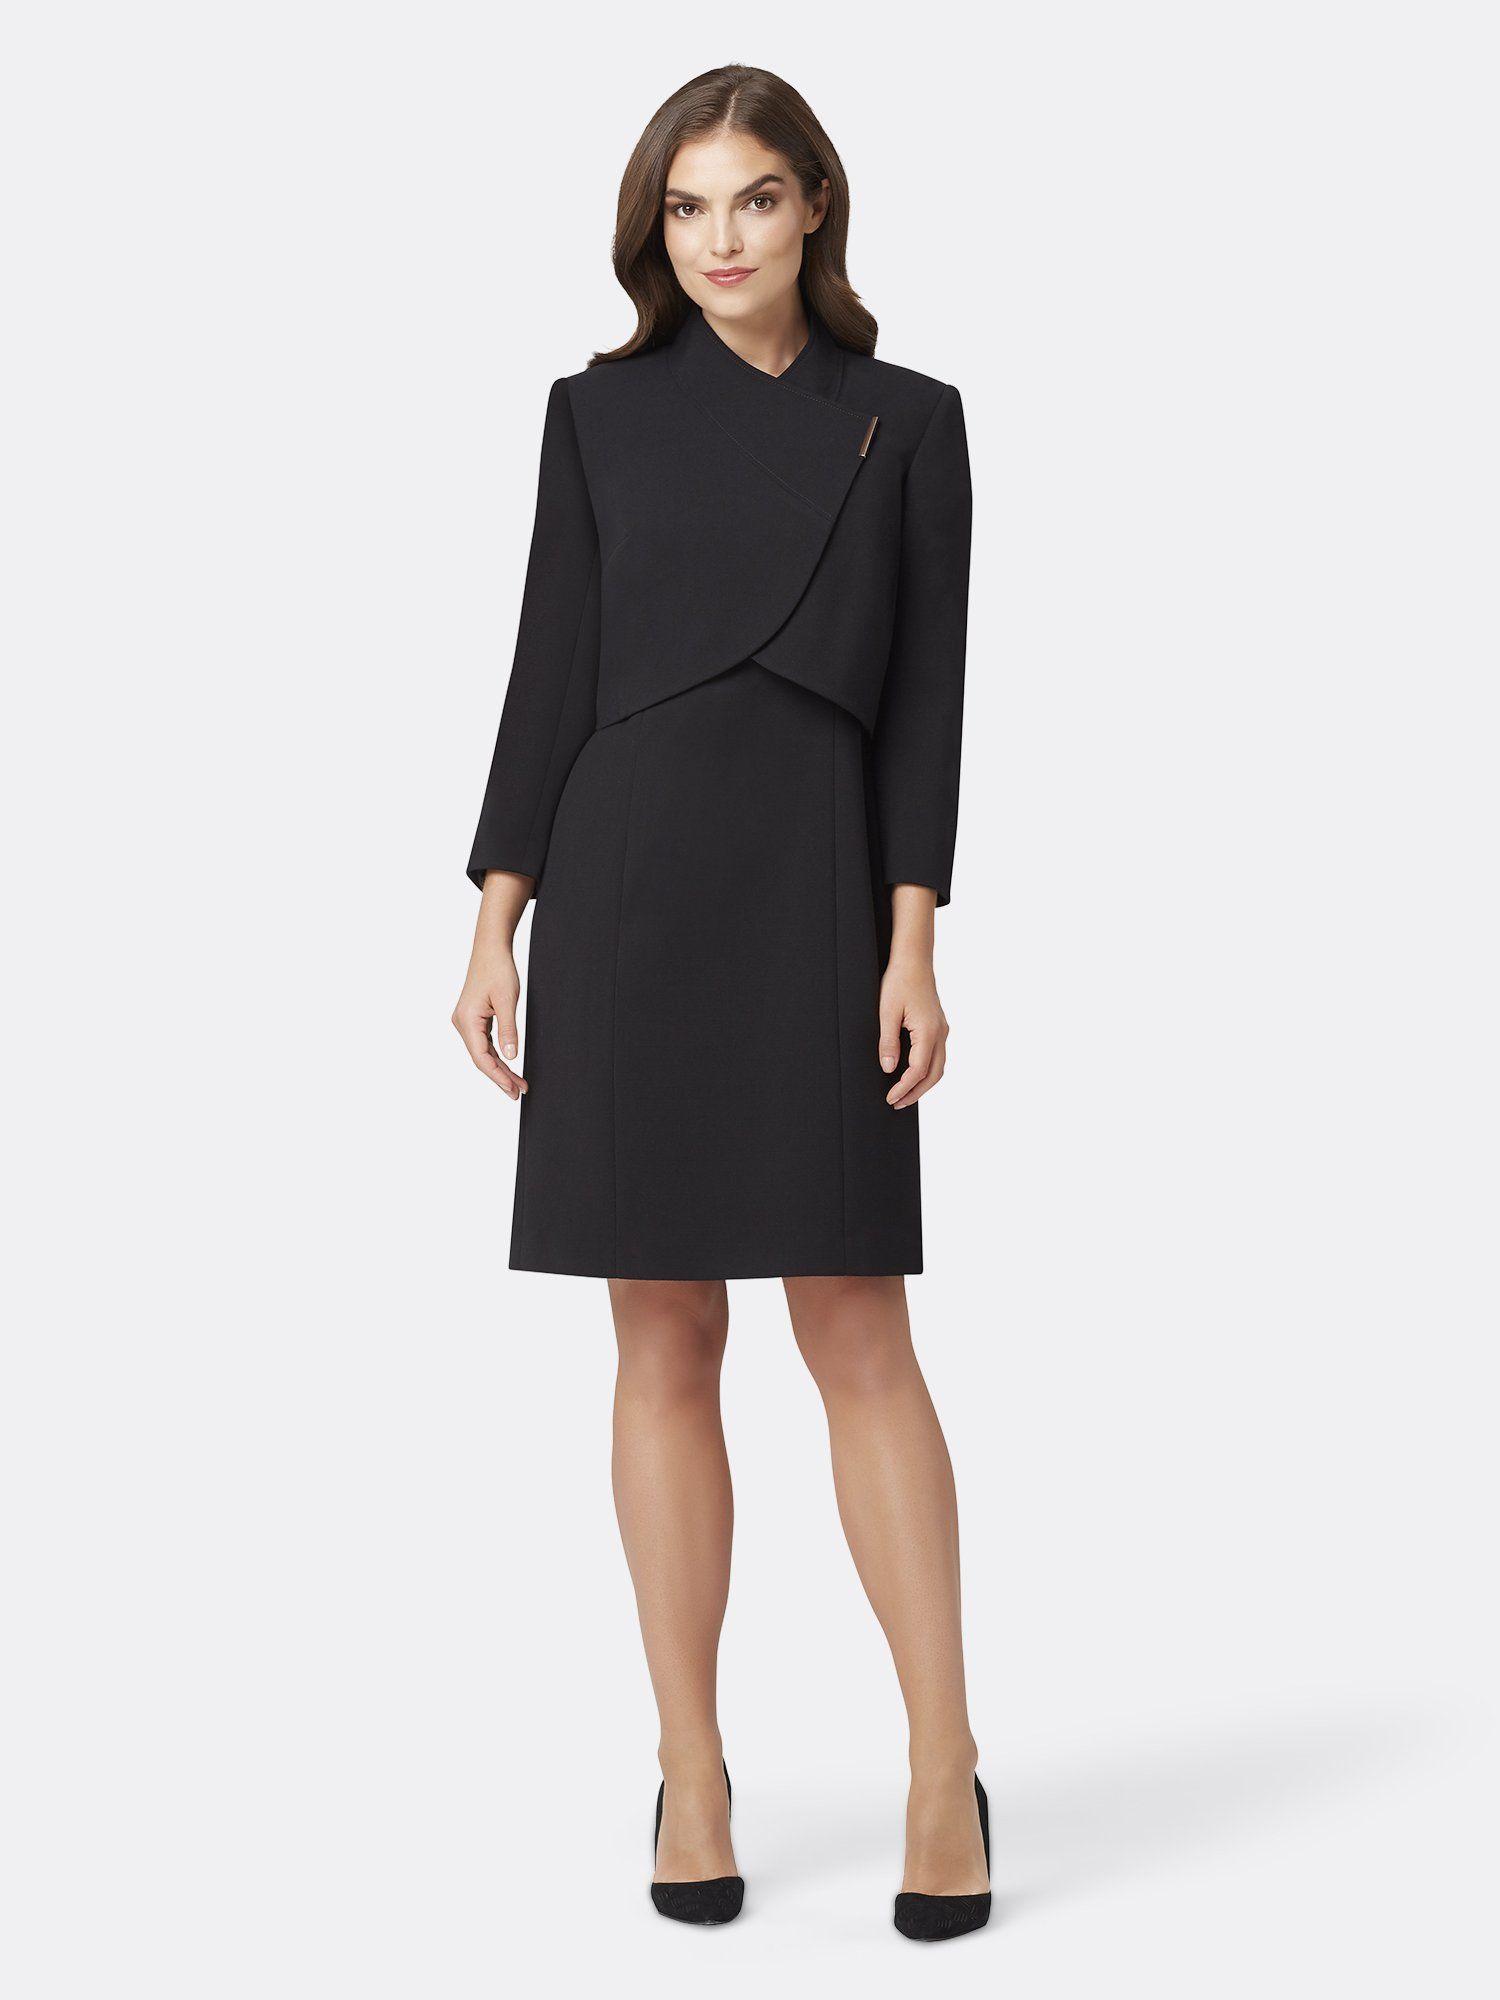 Asymmetric Double Weave Jacket Dress Black 16 In 2021 Jacket Dress Set Black Dress Jacket Interview Outfits Women [ 2000 x 1500 Pixel ]